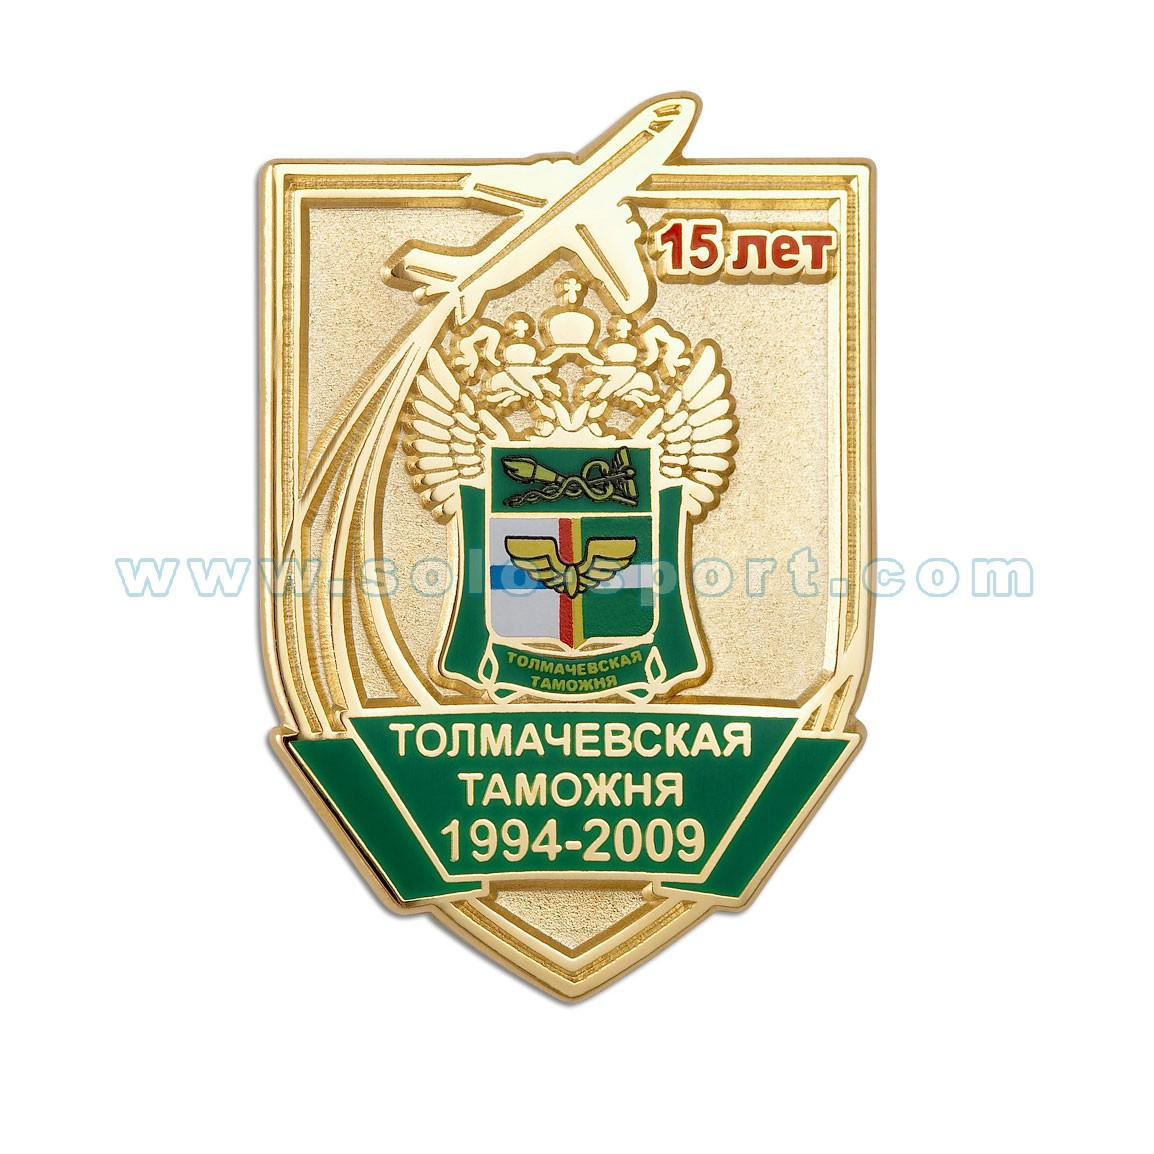 Знак Толмачевская таможня 1994-2009